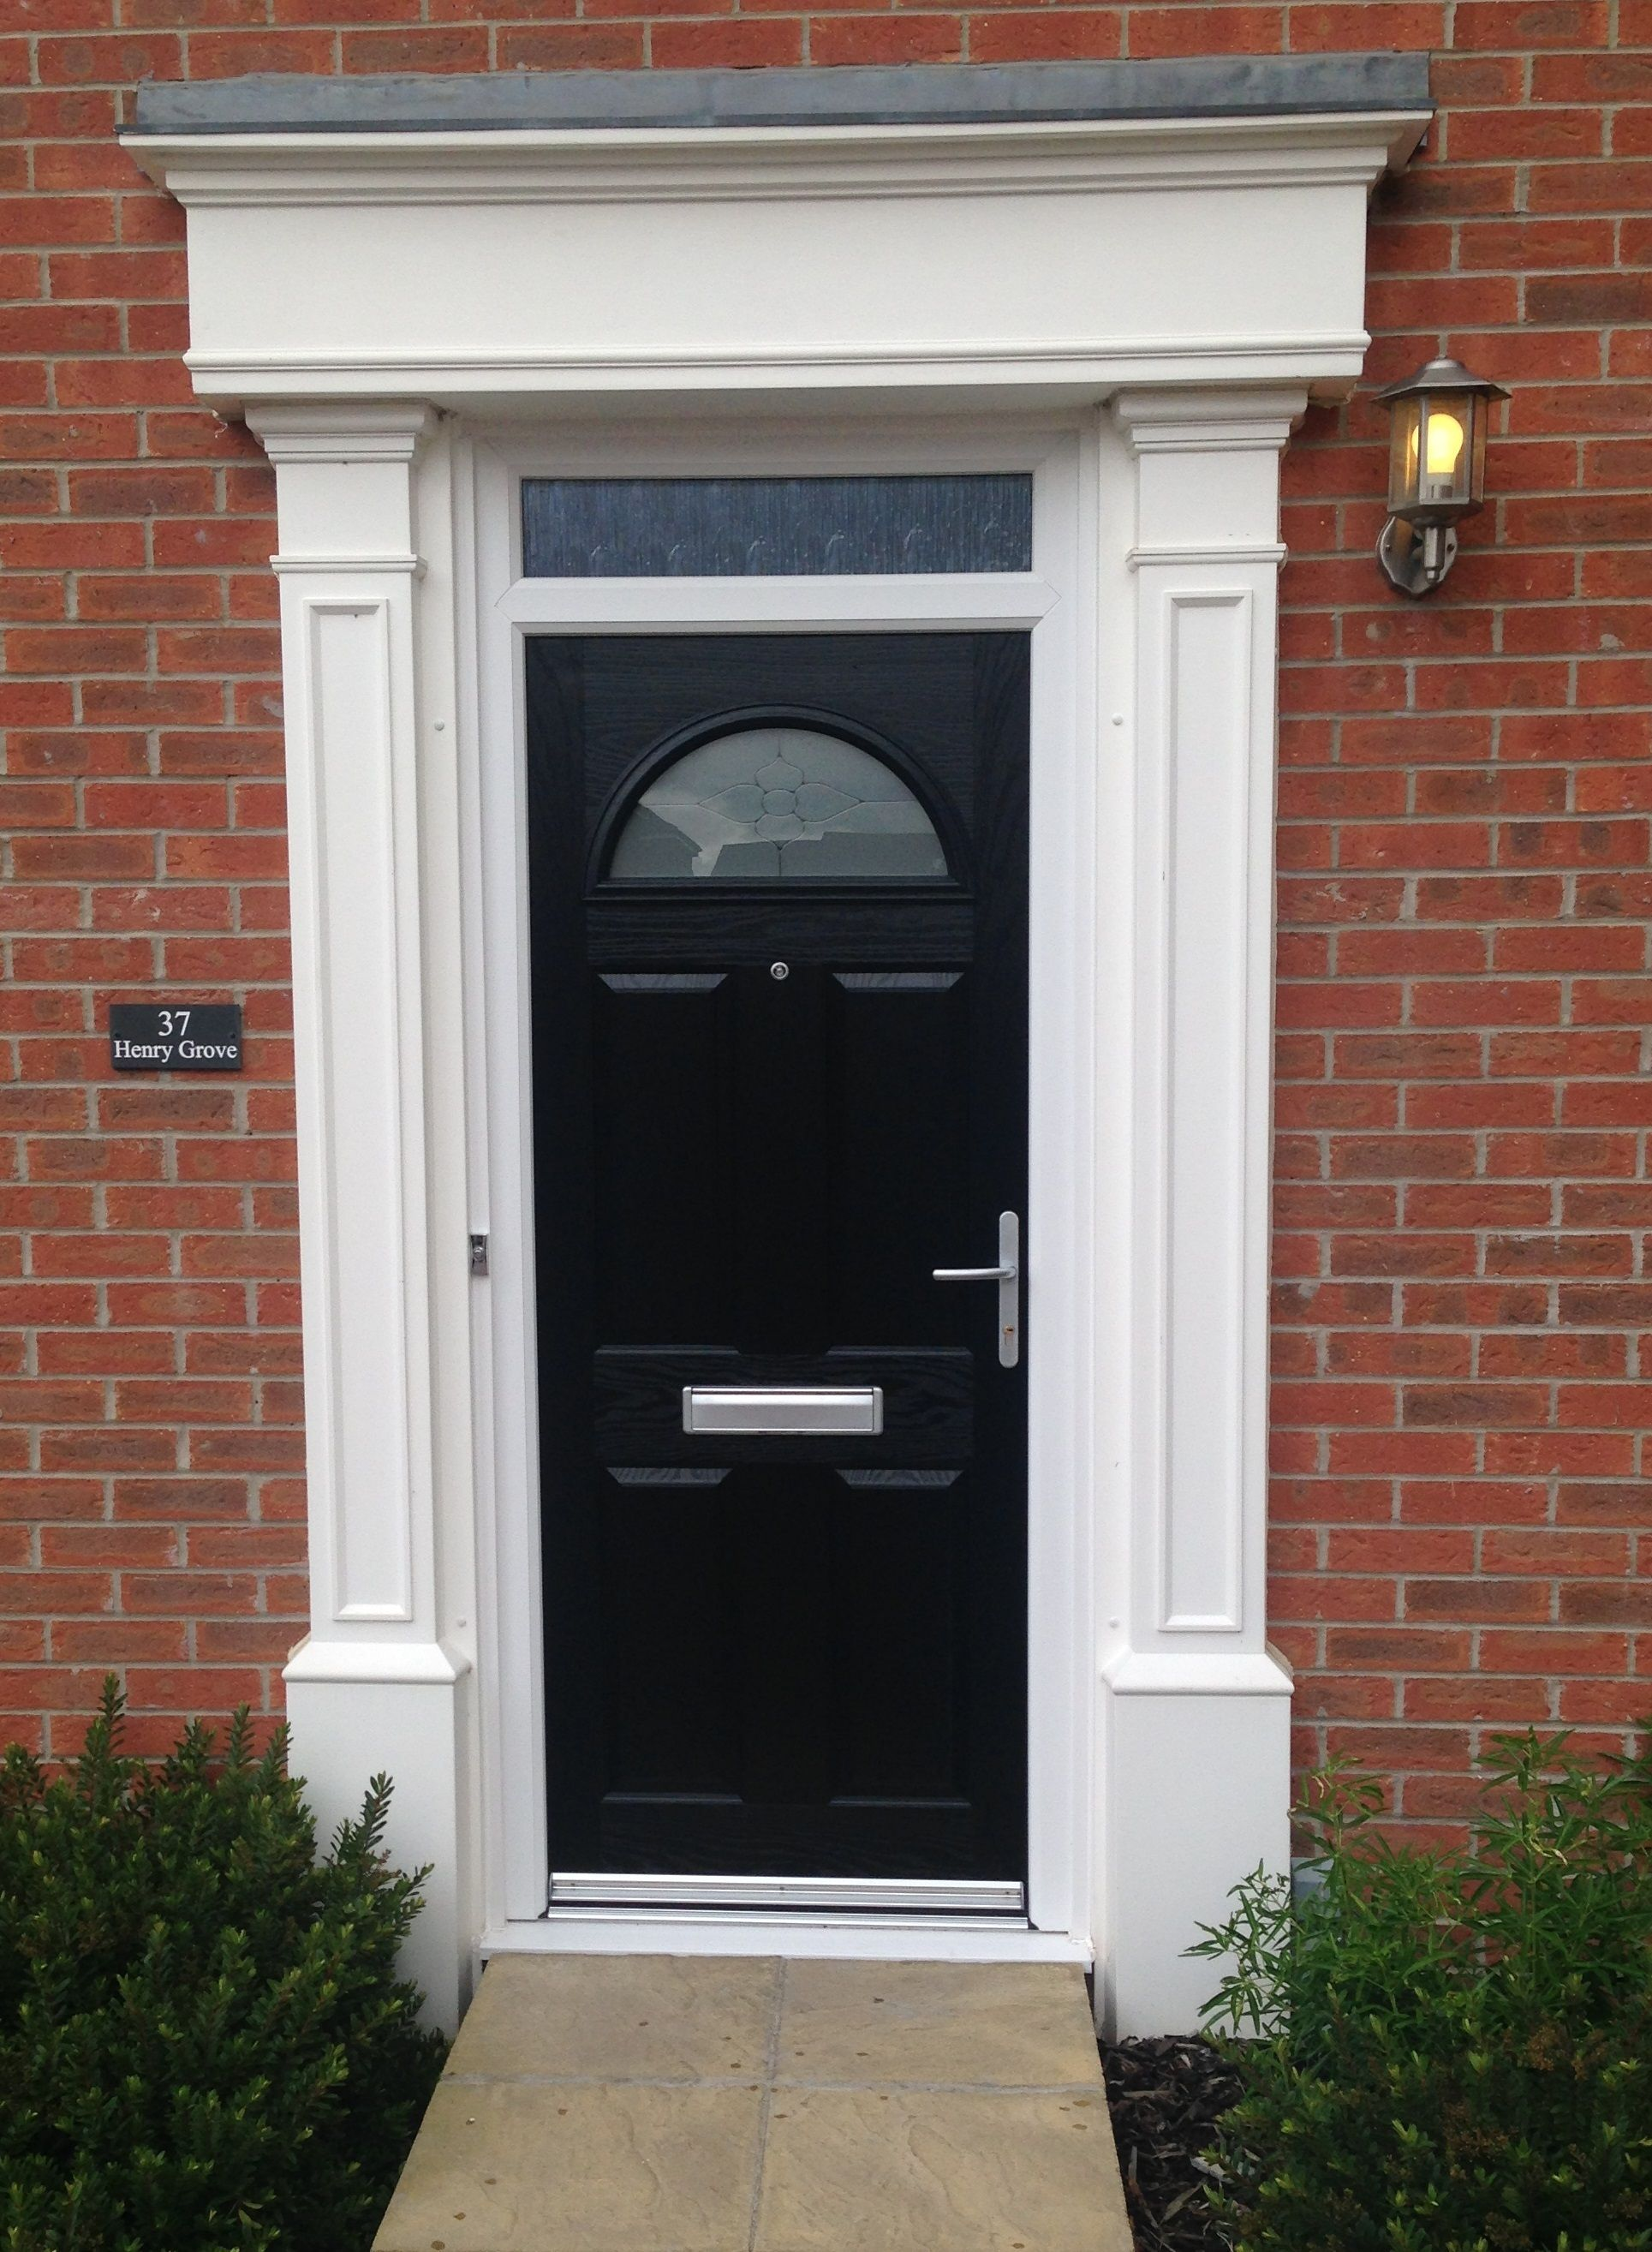 Composite Doors in Leeds York \u0026 Harrogate | Kingfisher Windows & Composite Doors | Leeds 1930s house and House front